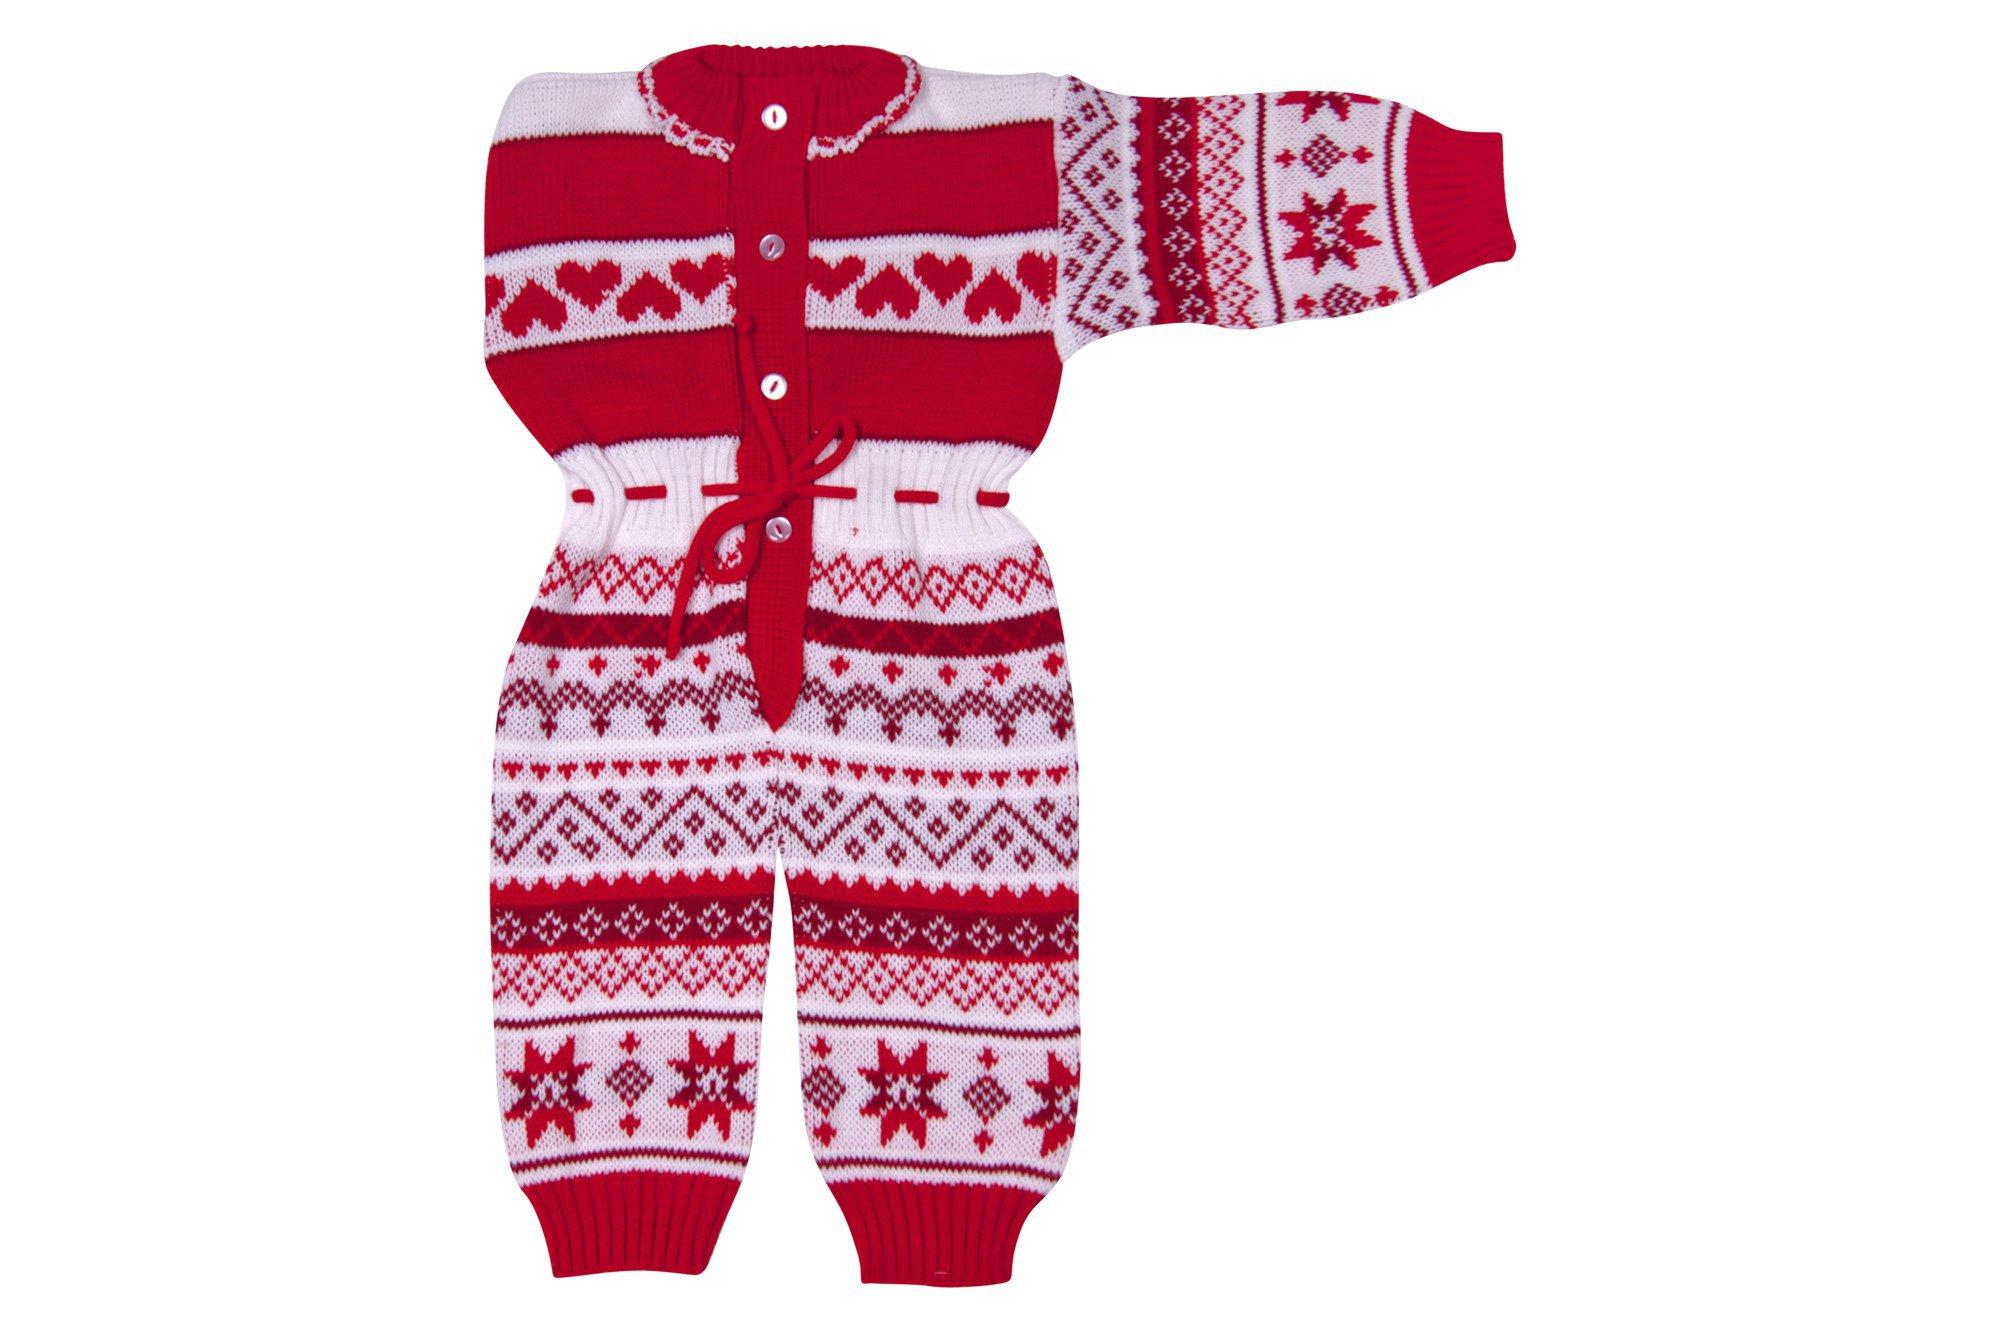 Вязаный комбинезон для новорожденных купить Исландия